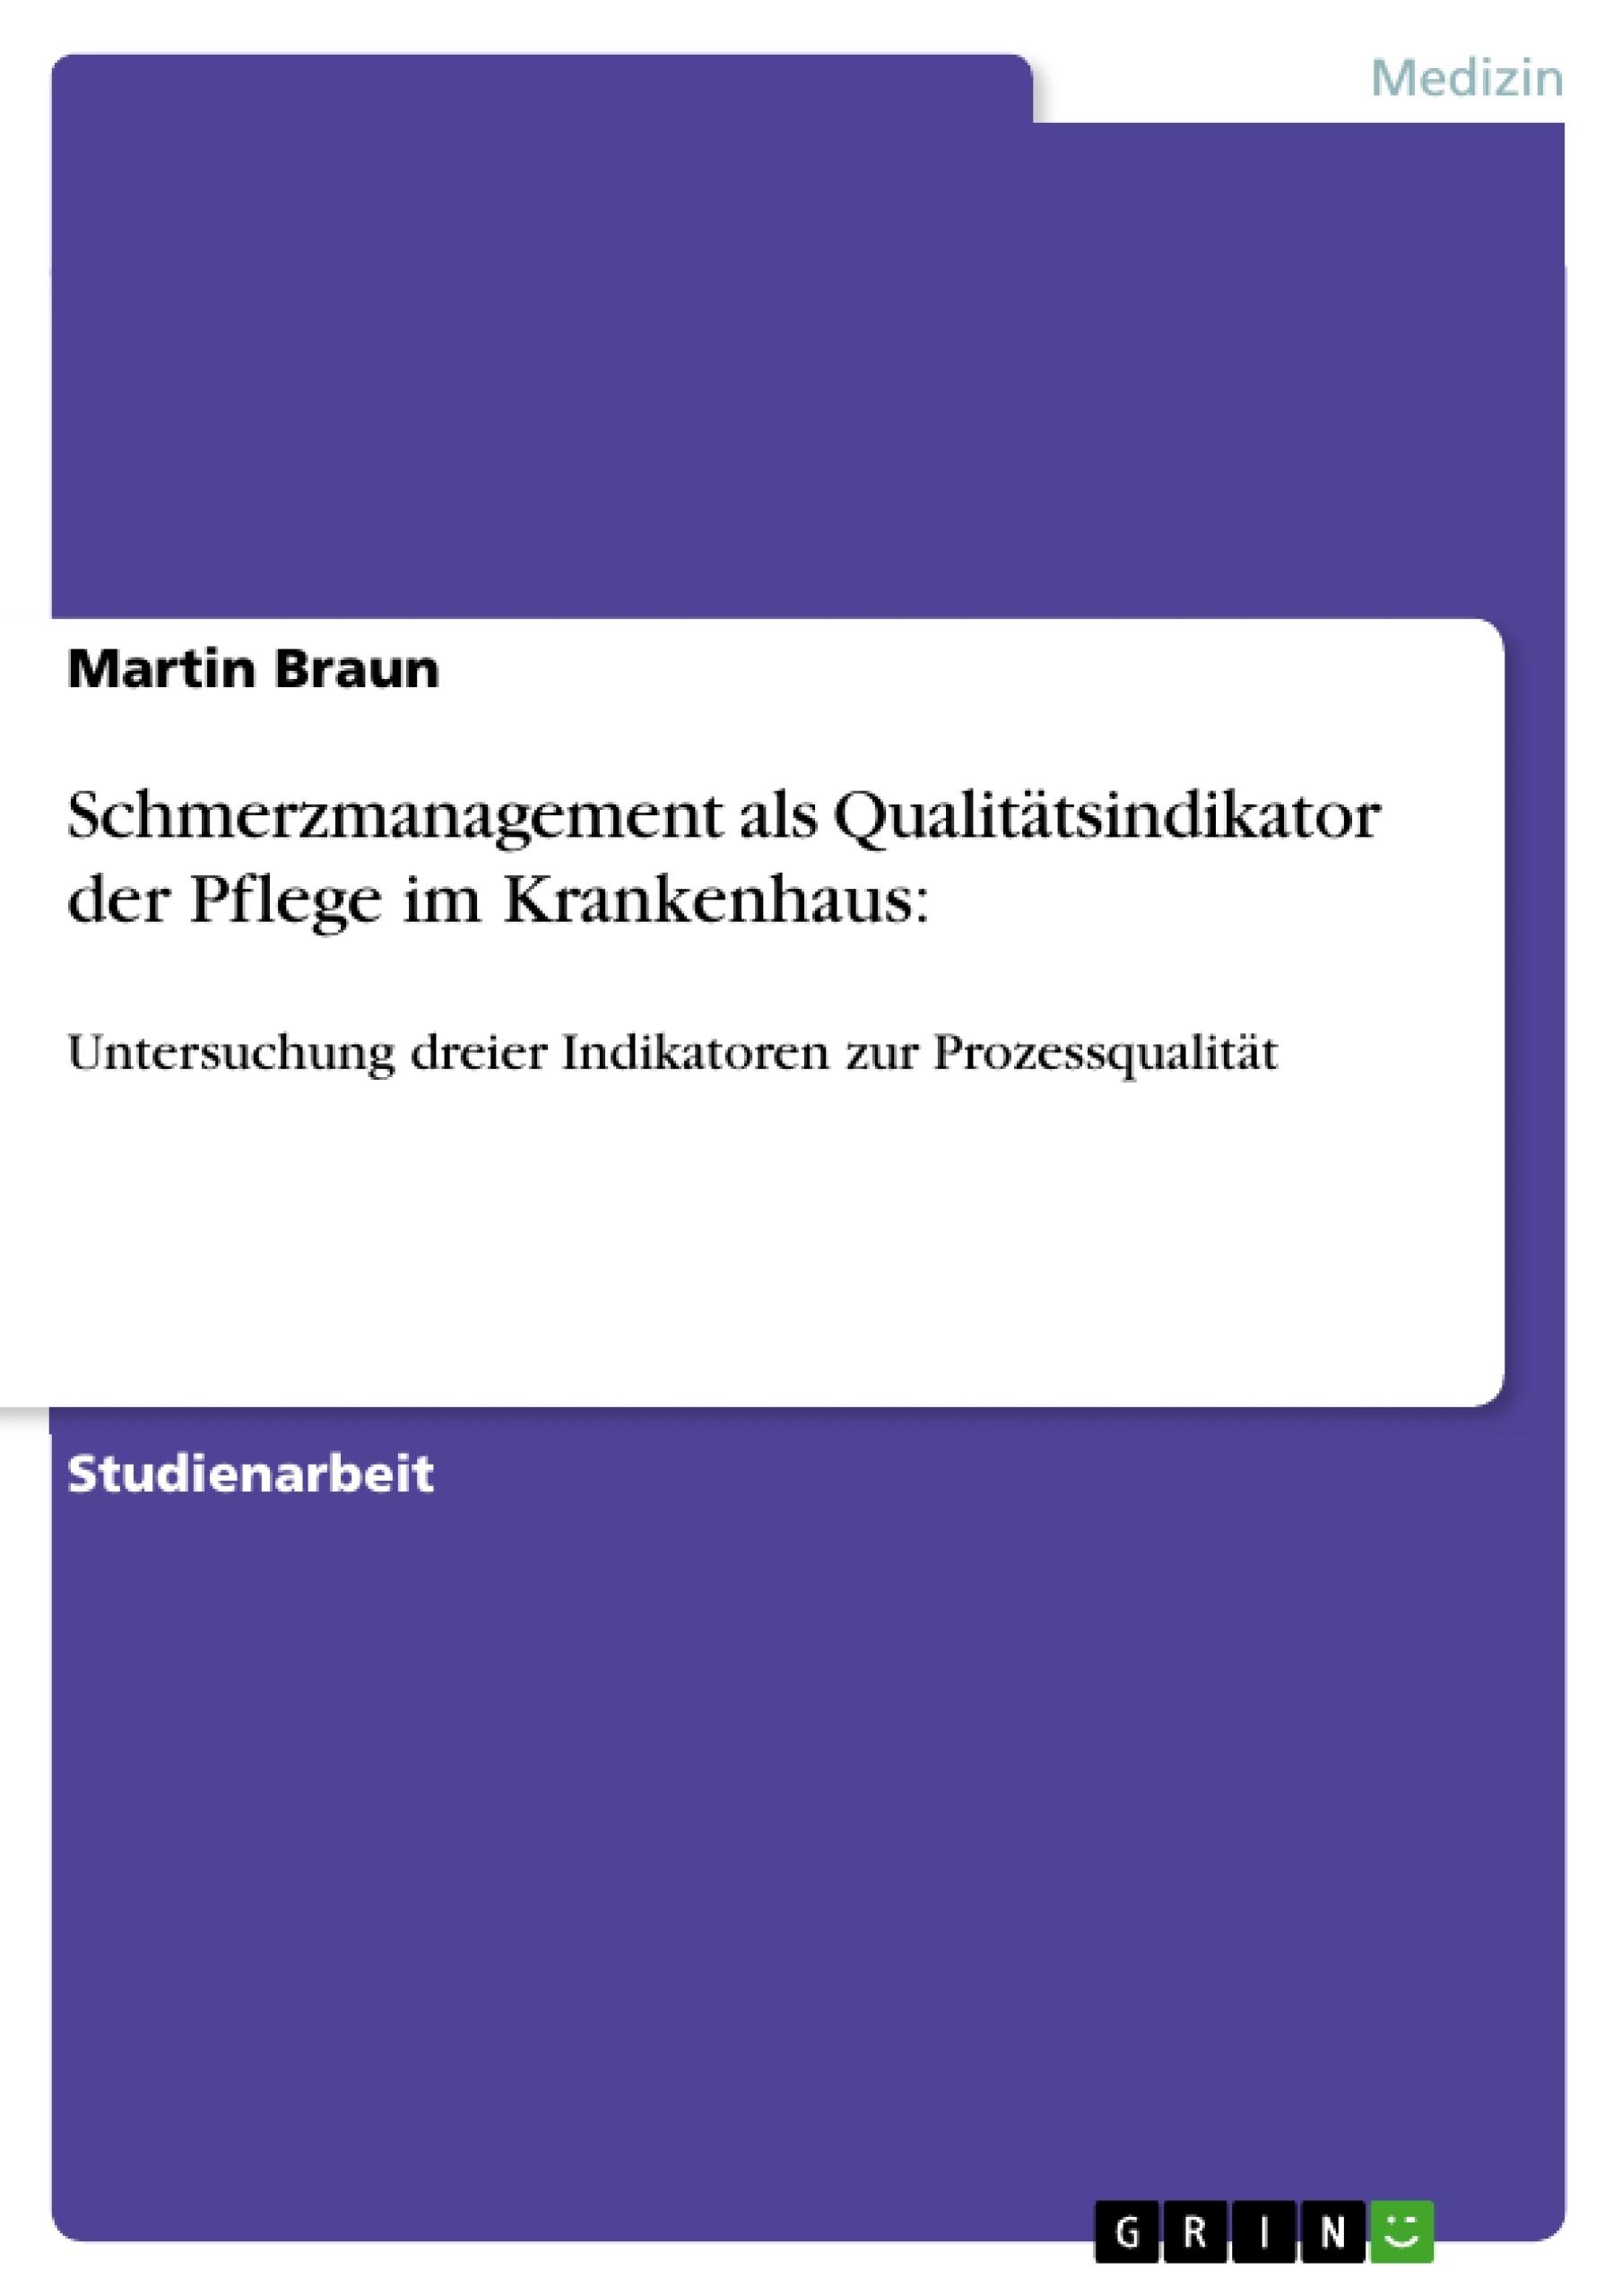 Titel: Schmerzmanagement als Qualitätsindikator der Pflege im Krankenhaus: